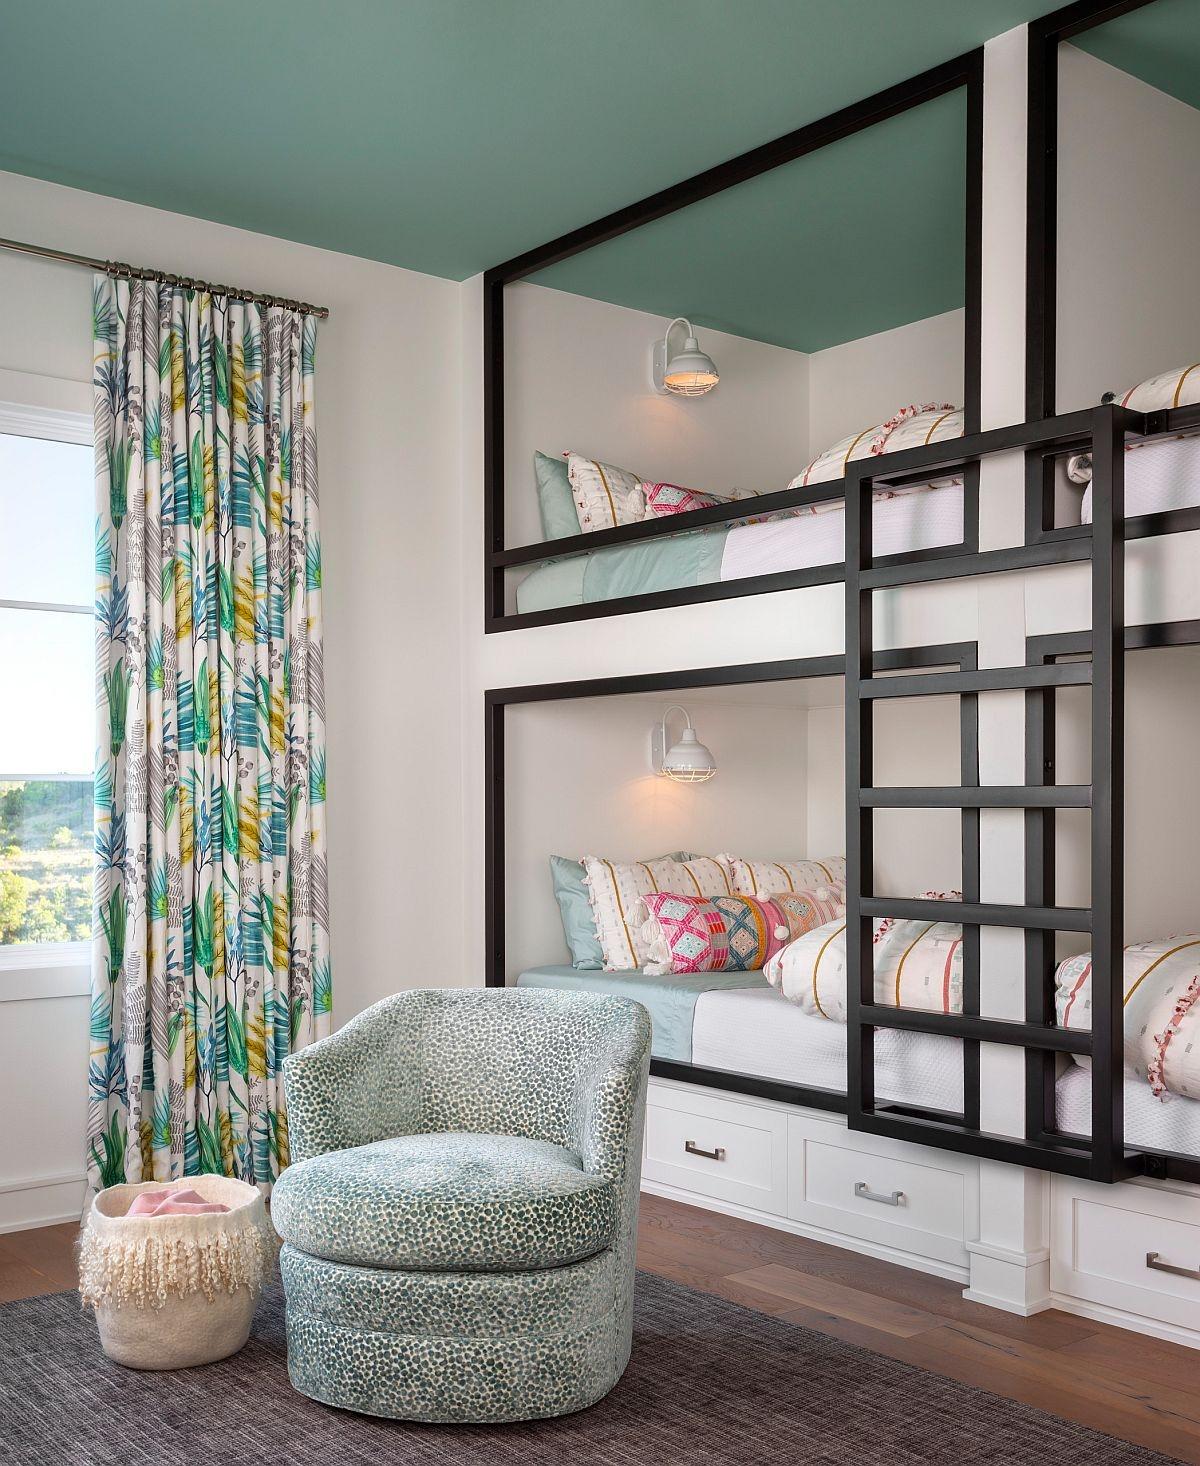 Tạo một chiếc giường 2 tầng với chiếc khung khá ấn tượng